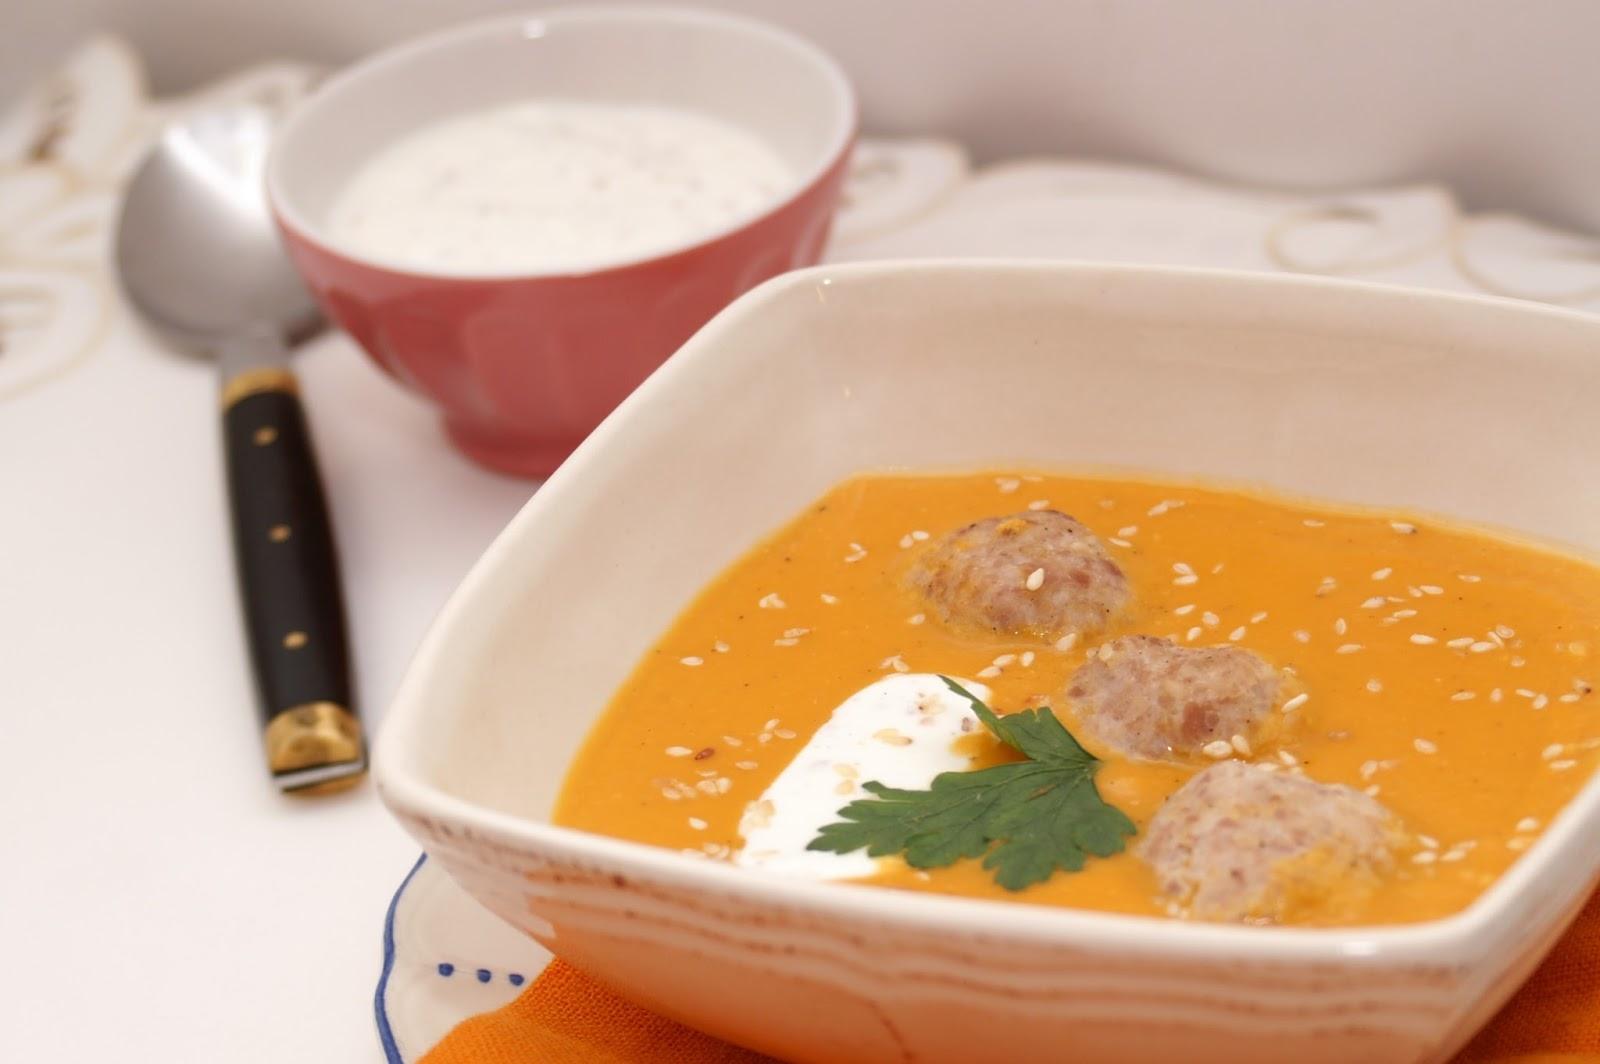 zupa/krem z czerwonej soczewicy z pulpetami